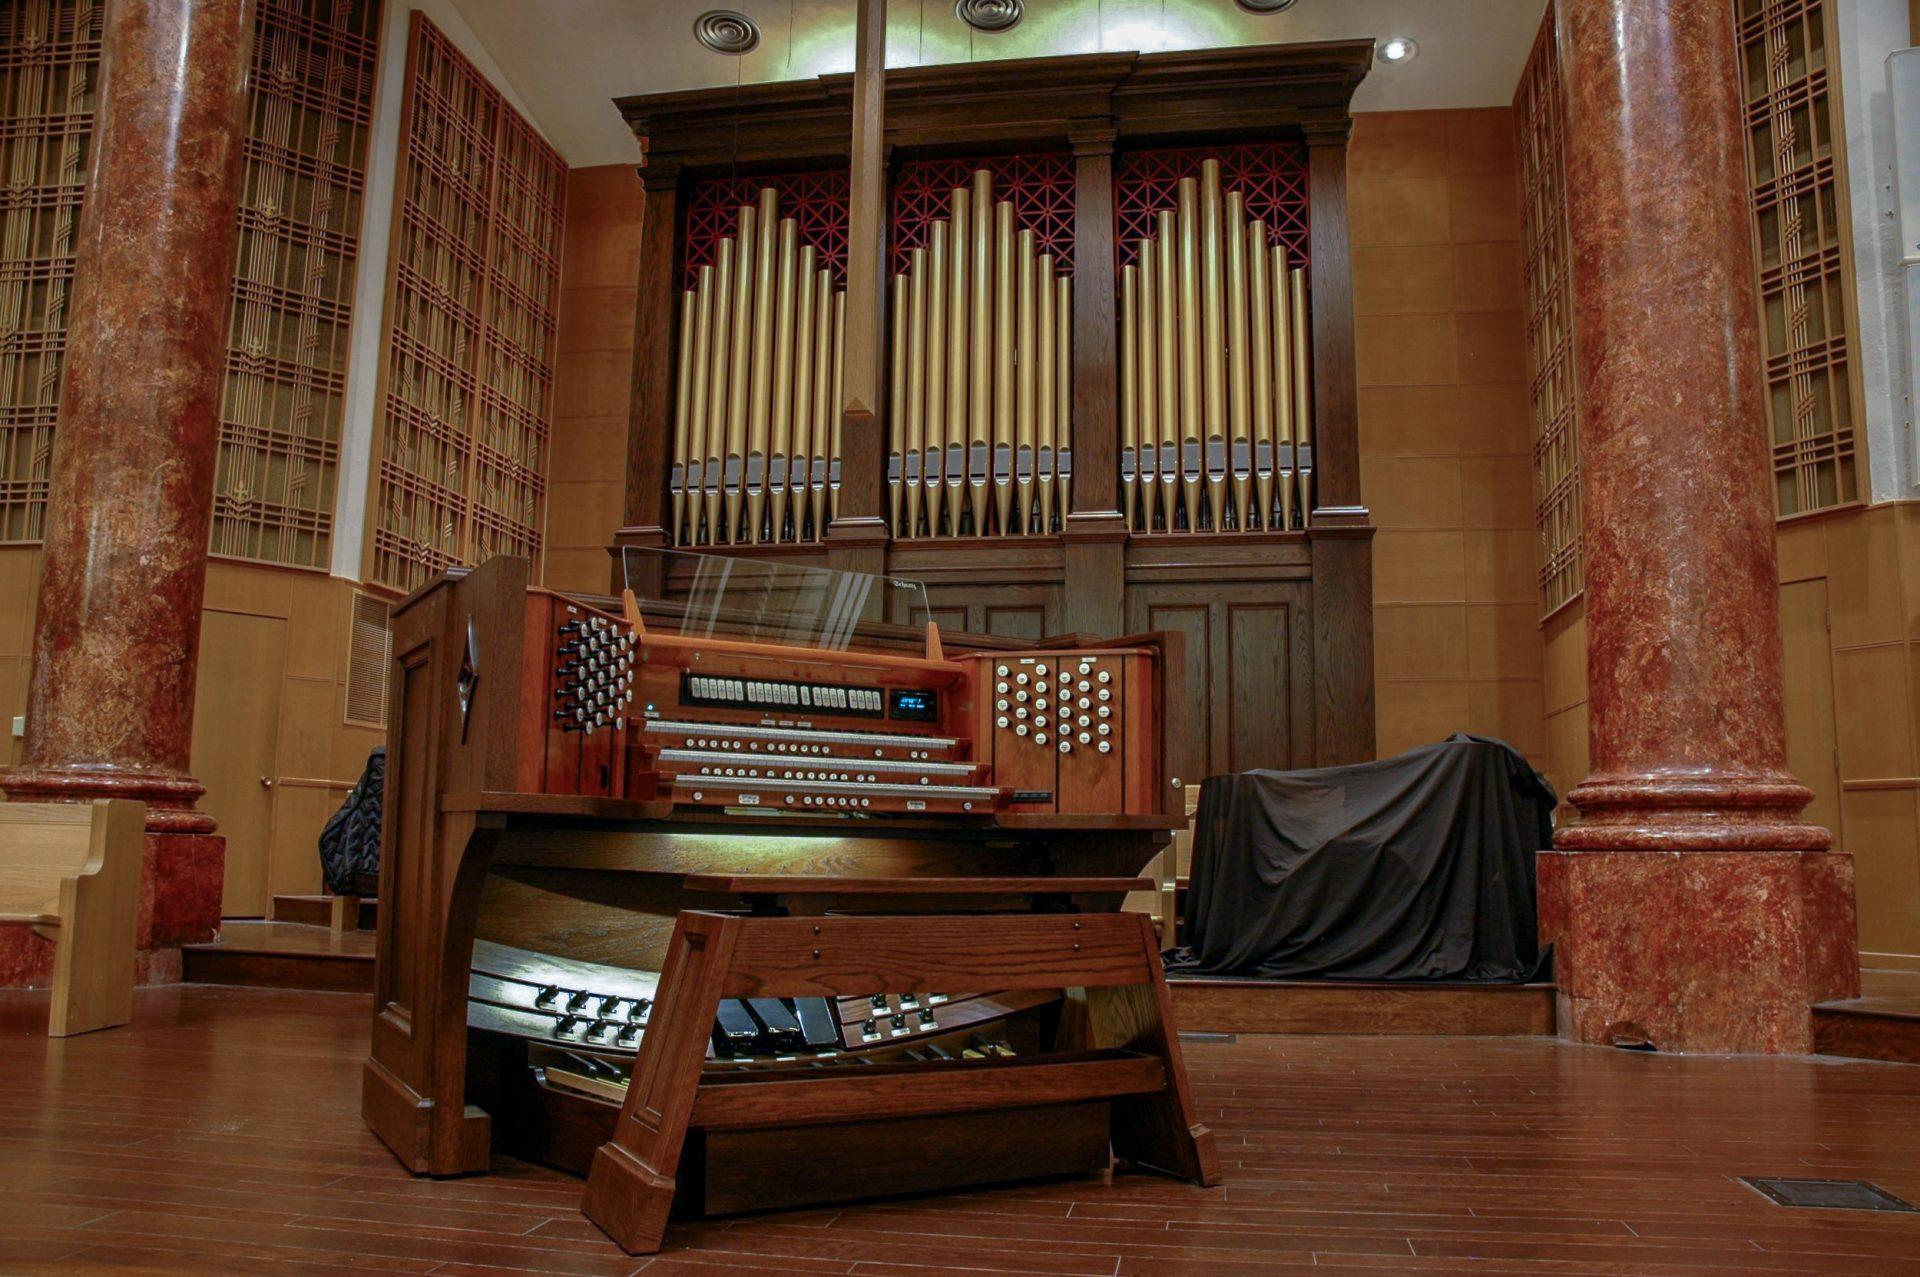 Schantz Organ Company - Lincoln NE #1